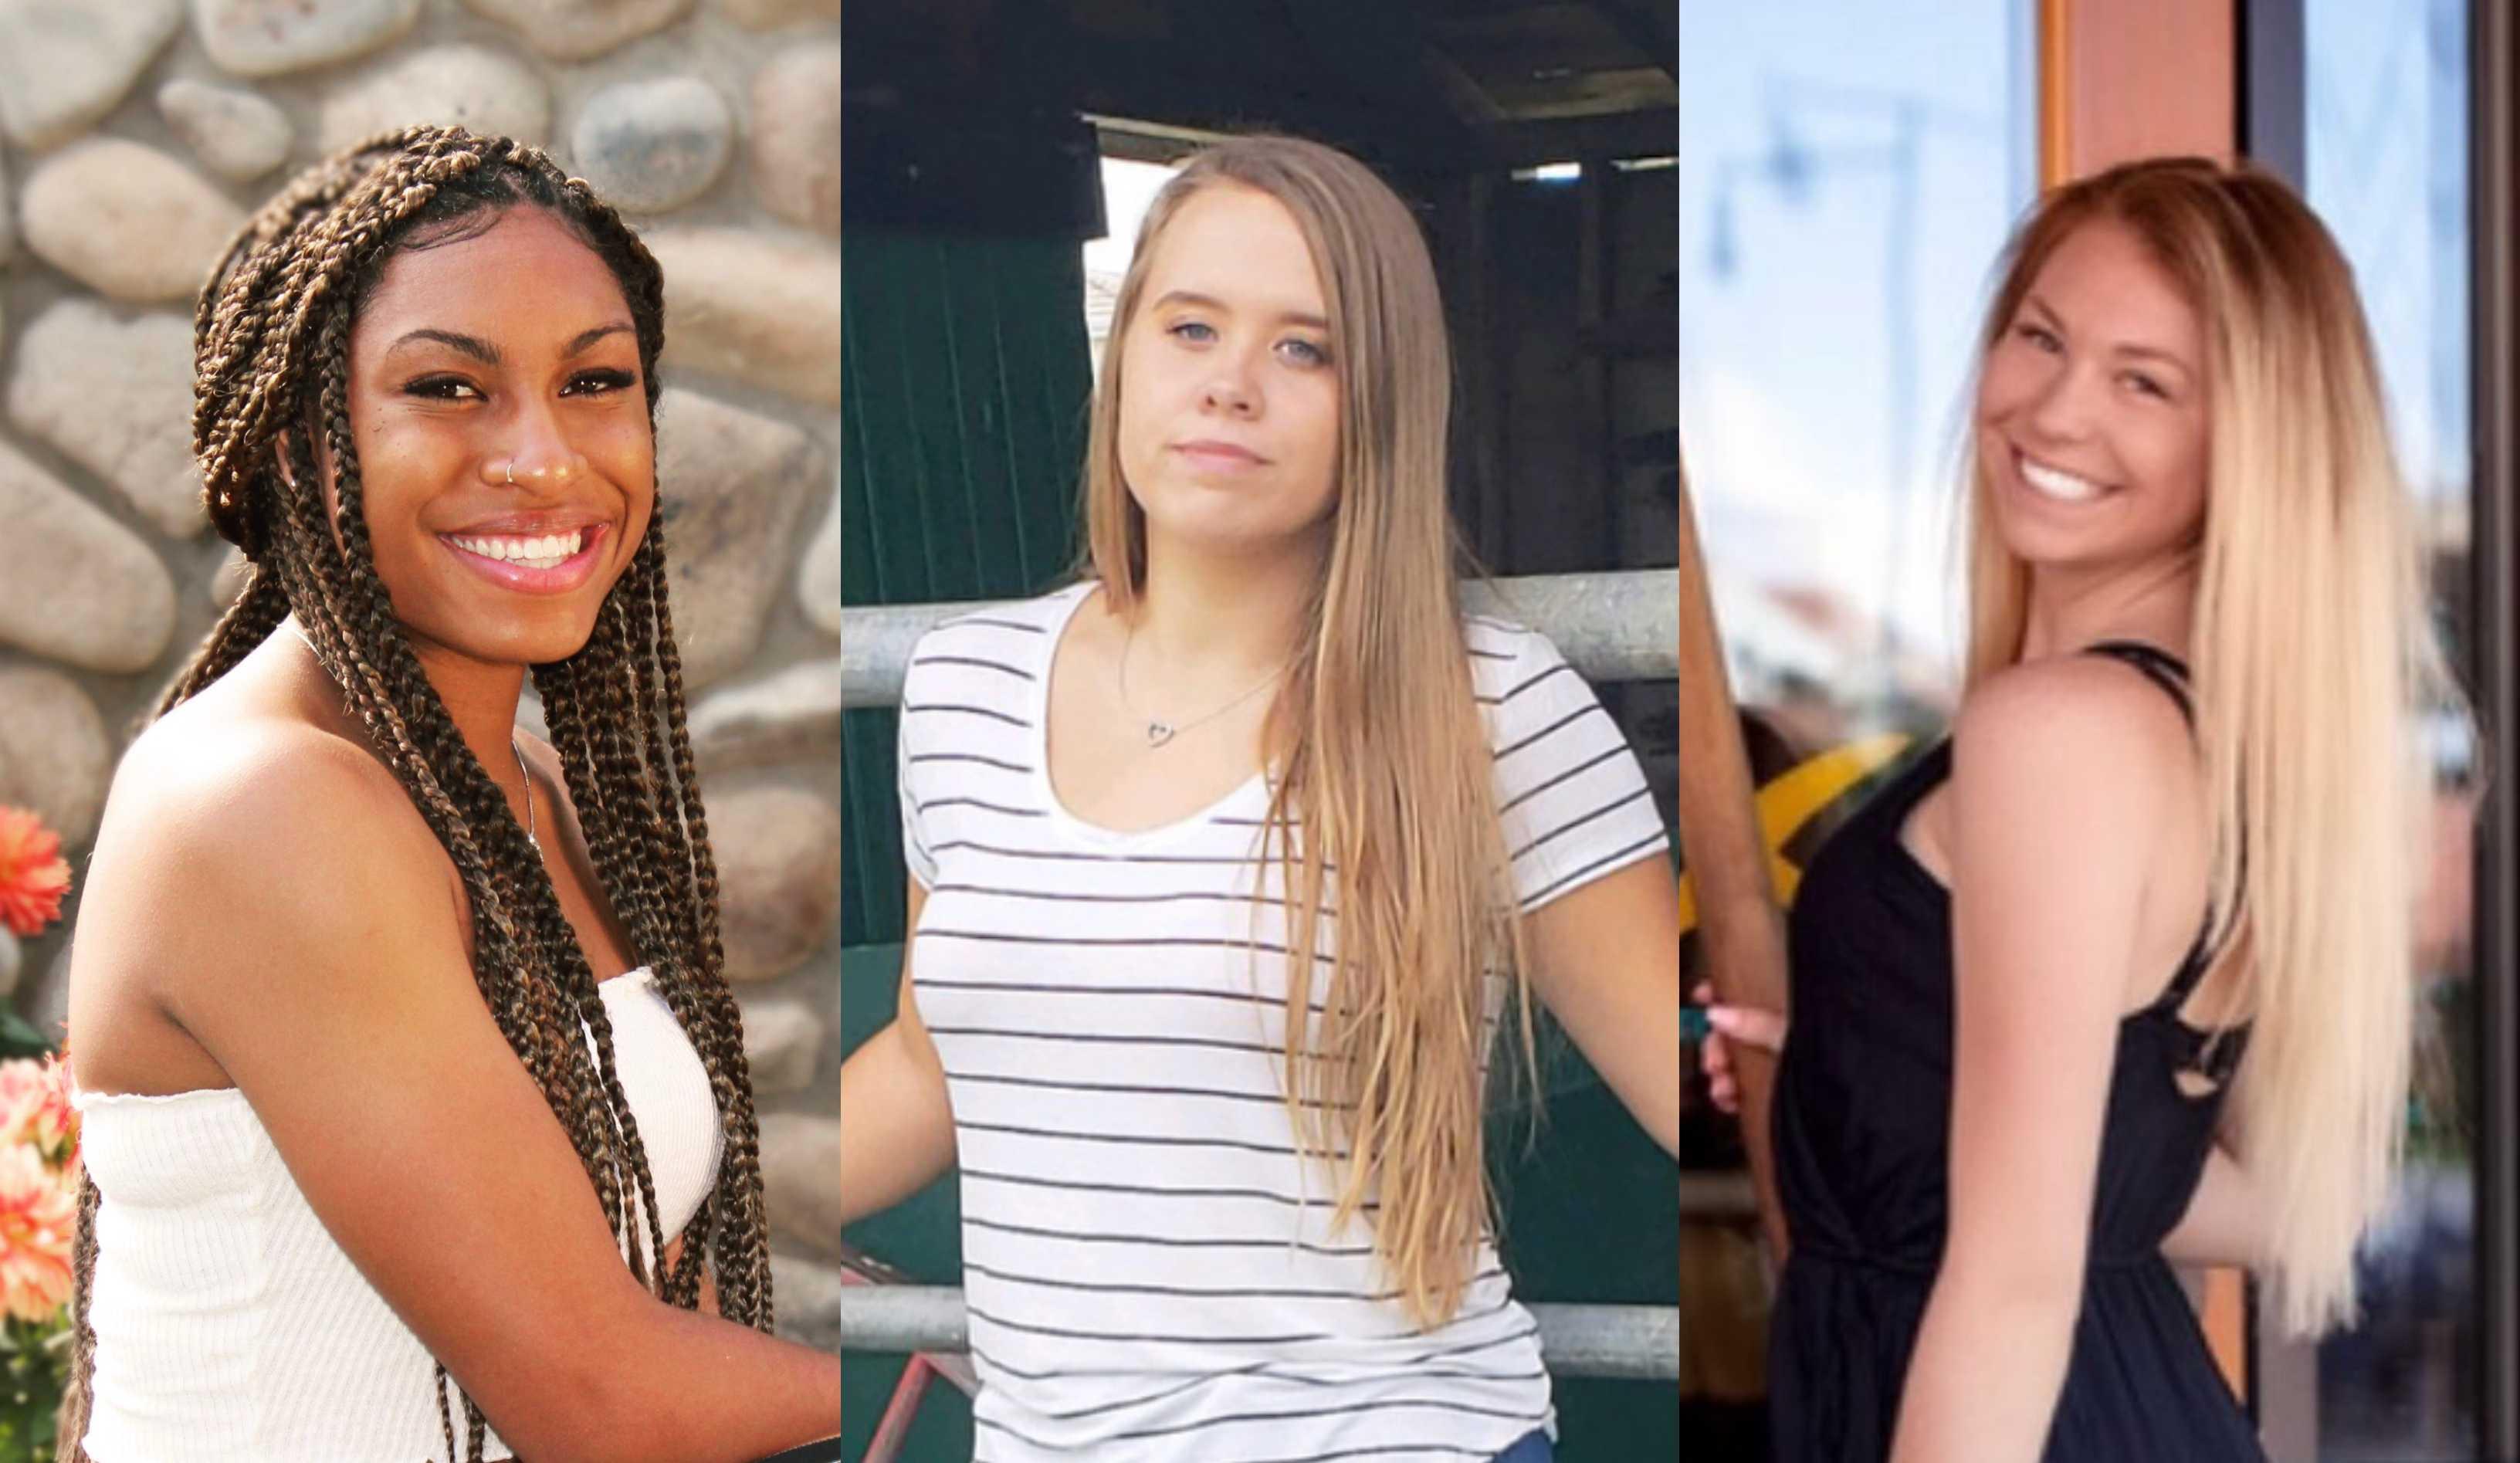 Class of 2019 Spec 6 athletes: Females